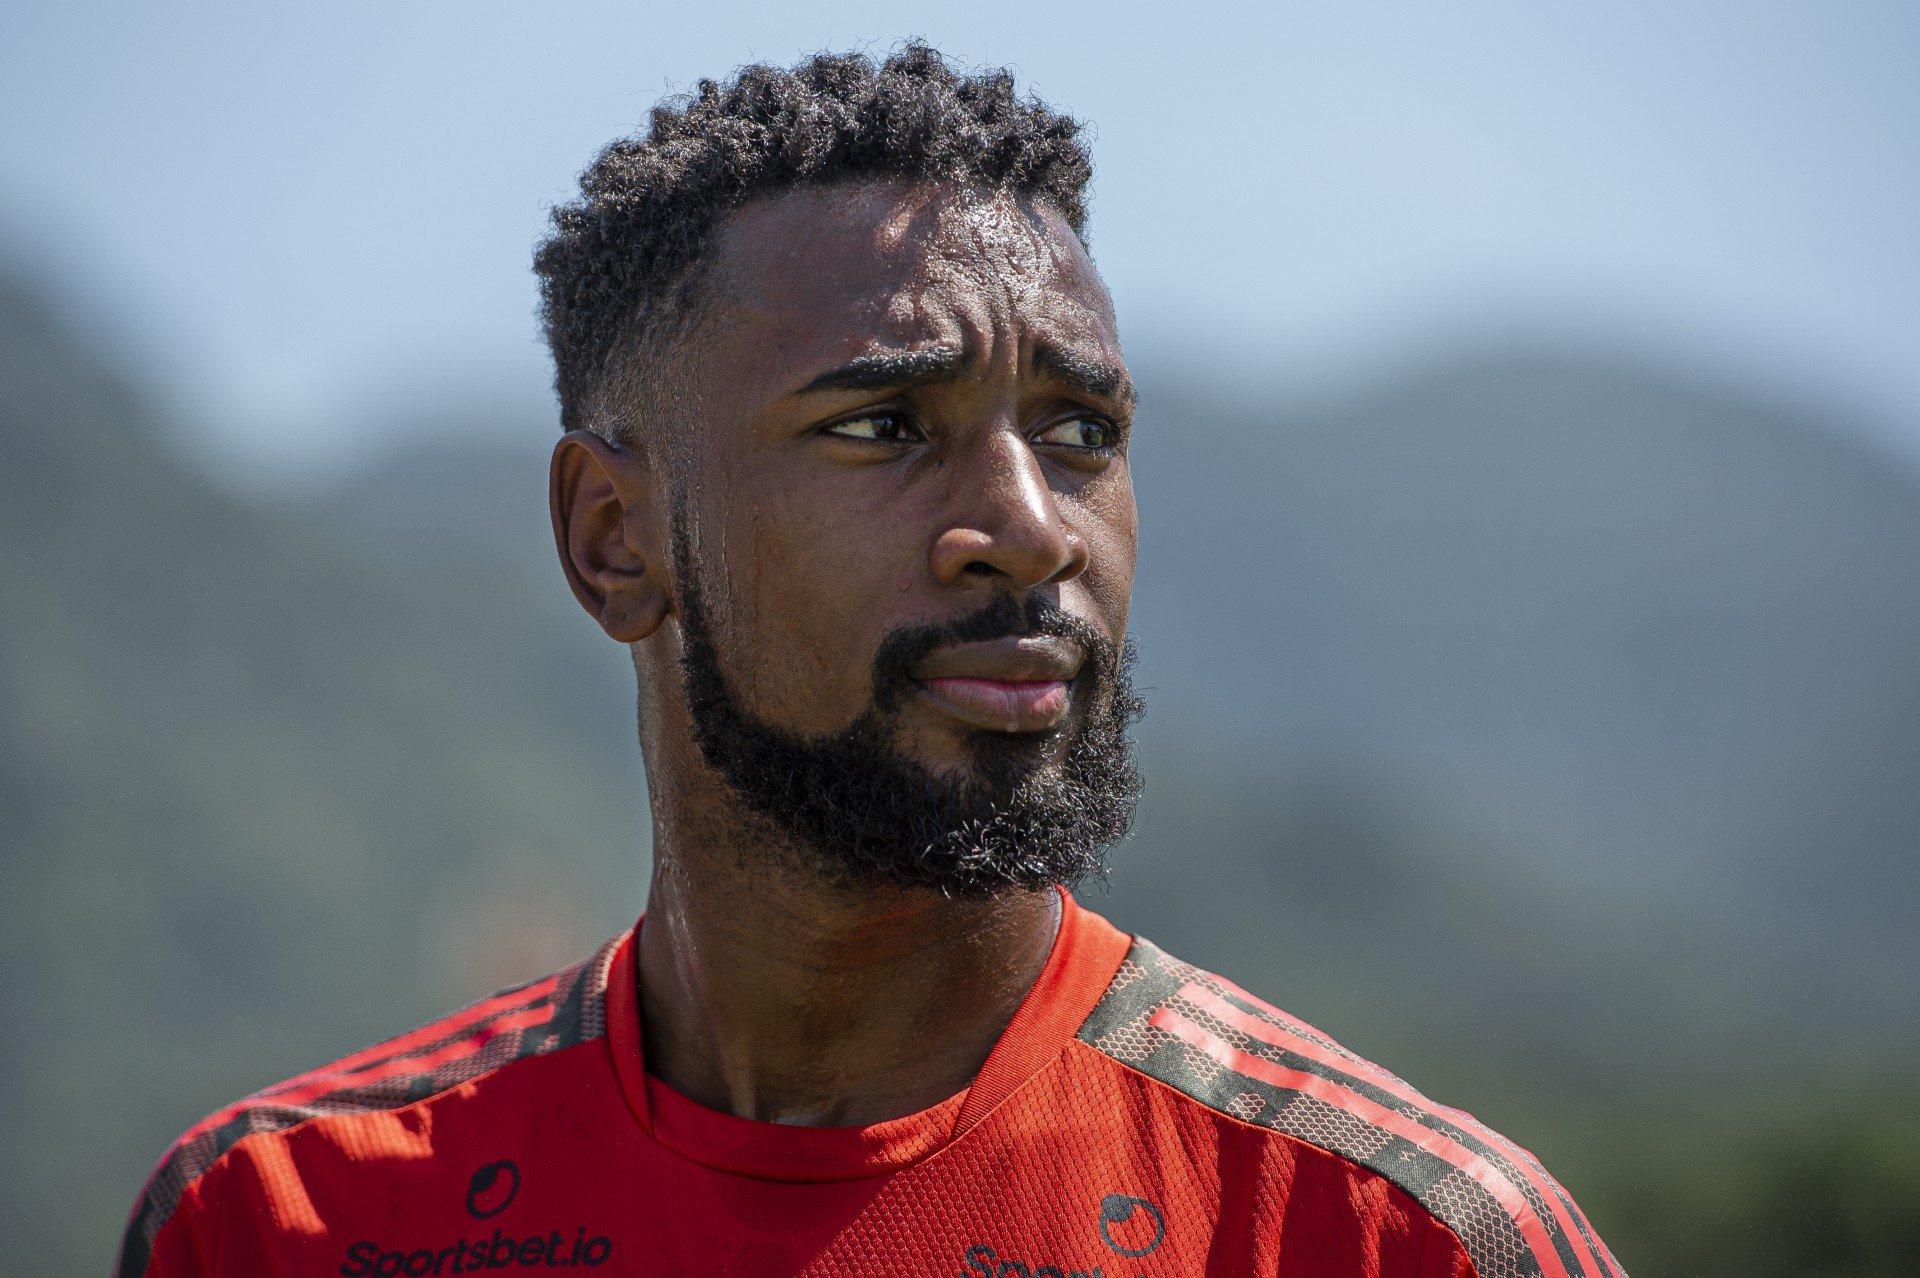 Ex-jogador do Flamengo, Gerson estaria vivendo crise de relacionamento na França, afirma jornal